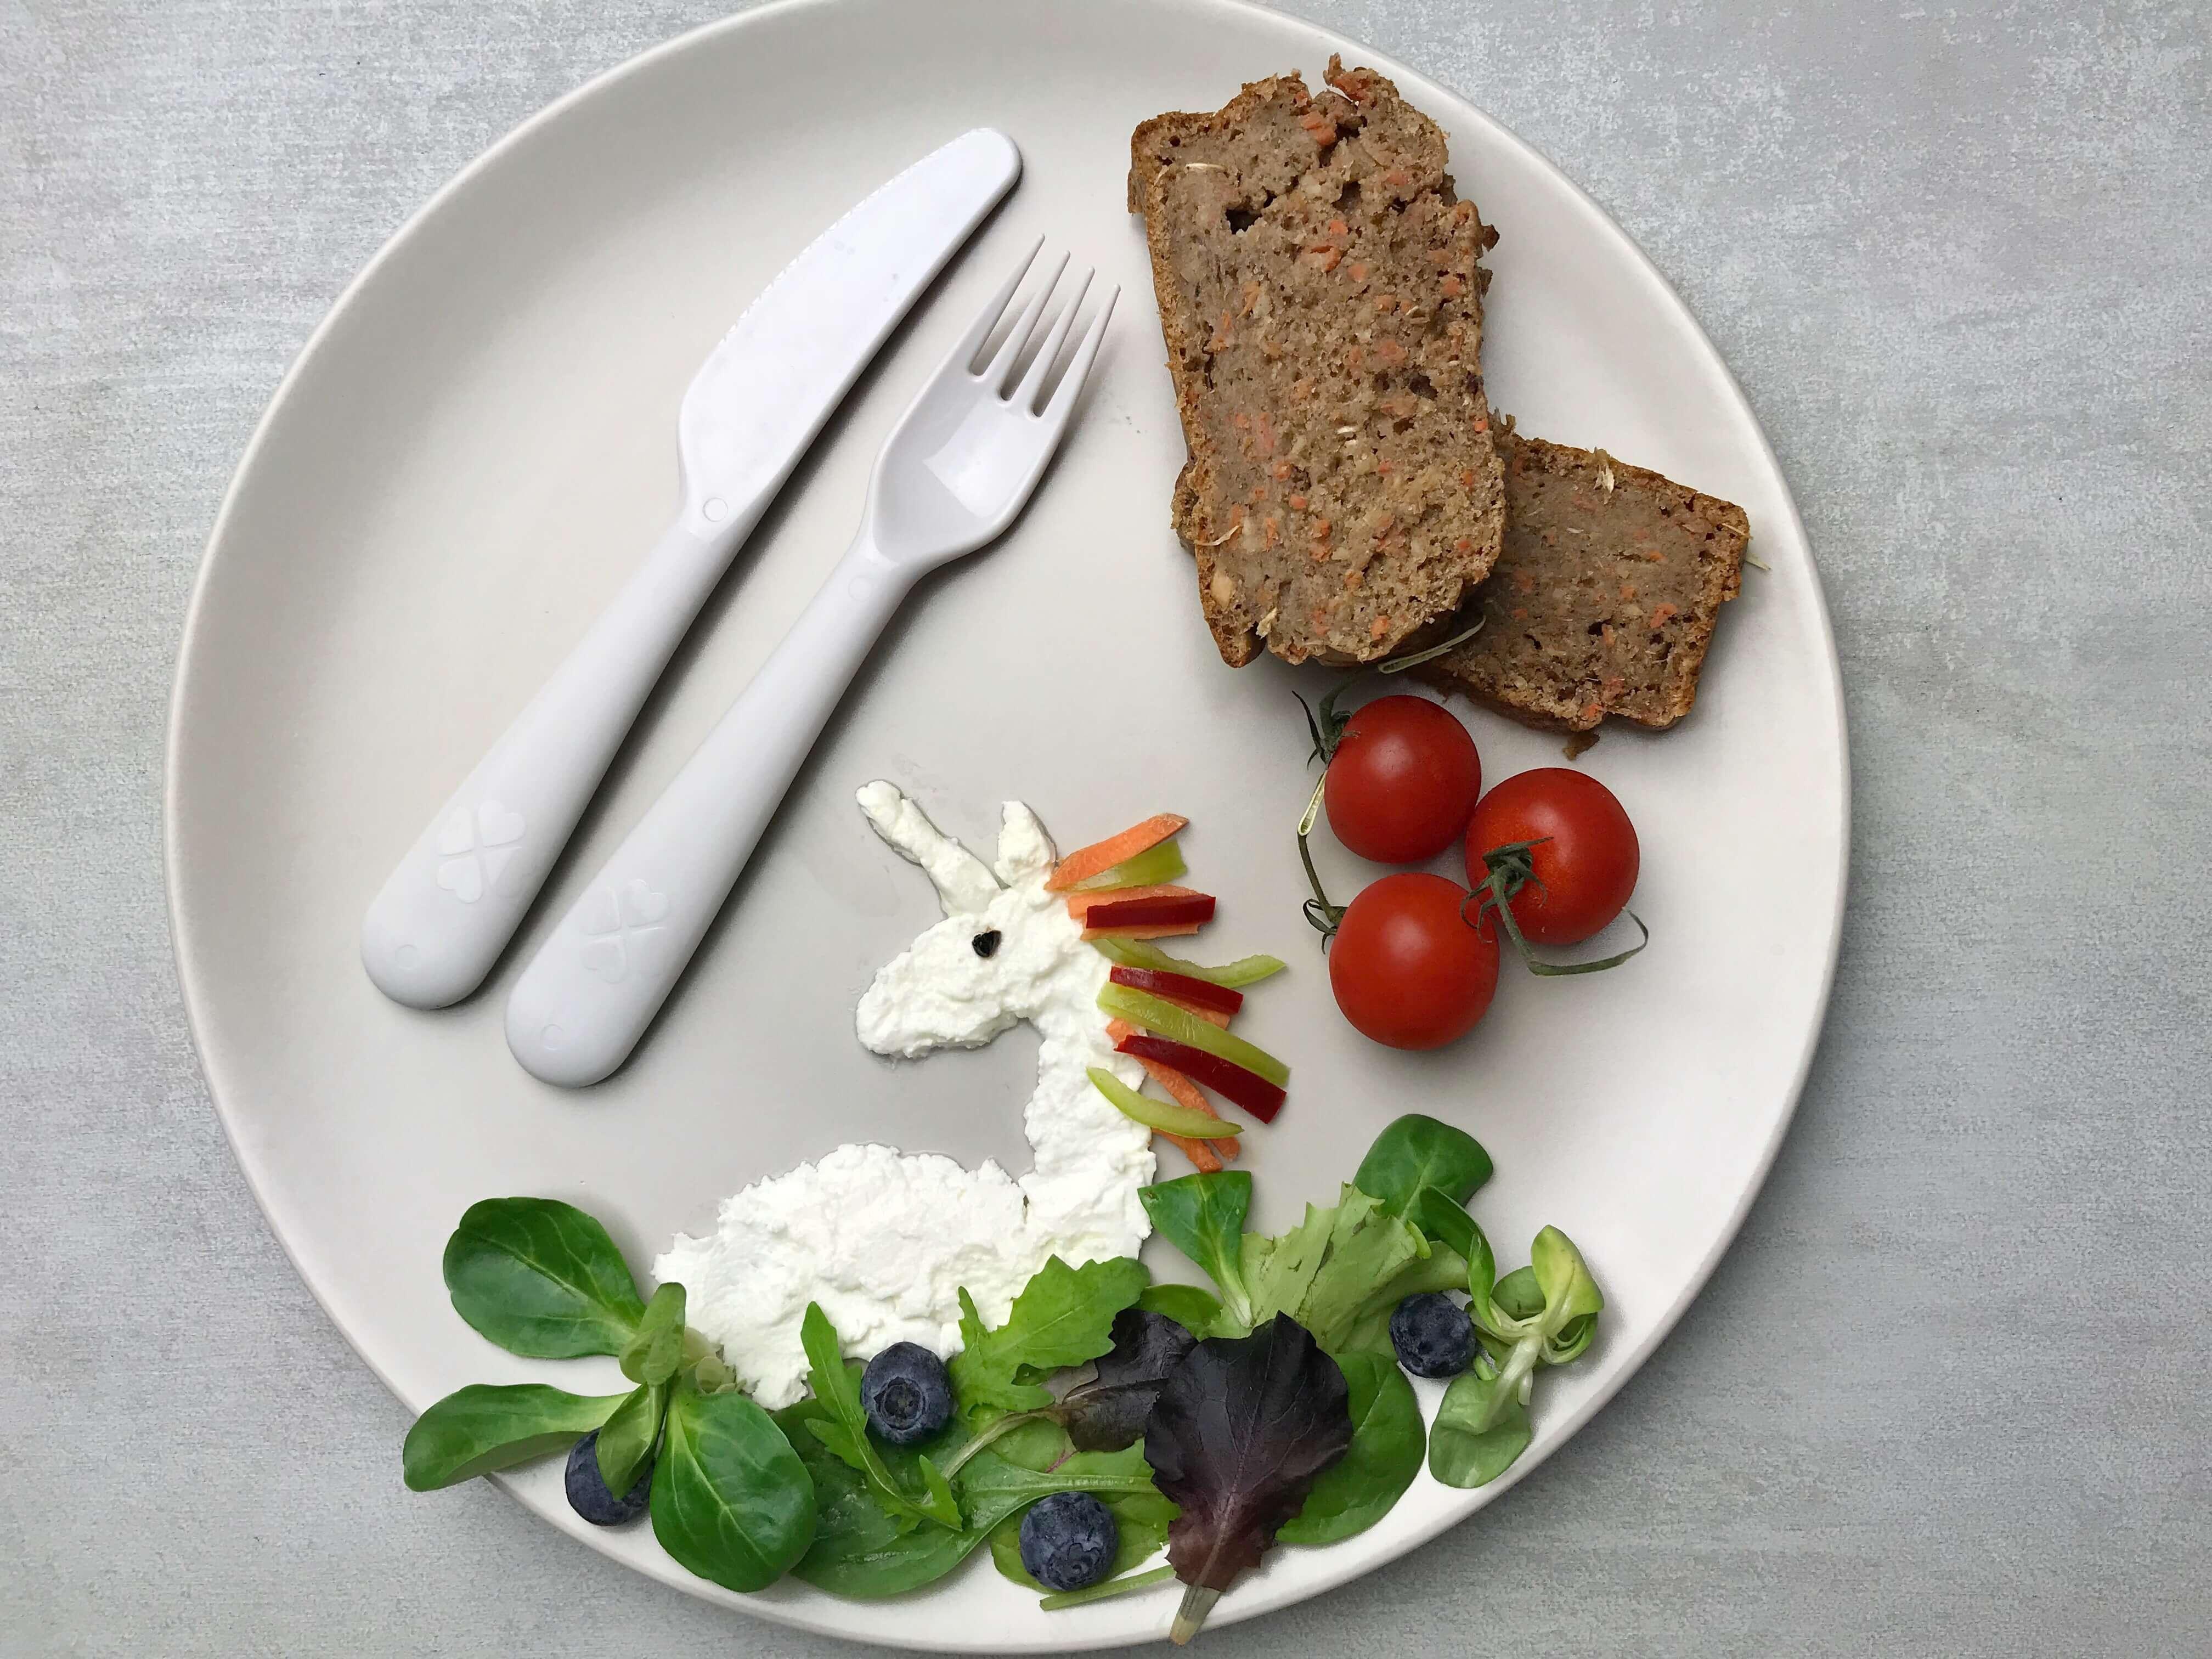 bread-banana-carrot-recipe-healthy-Iceberg Salat Centar